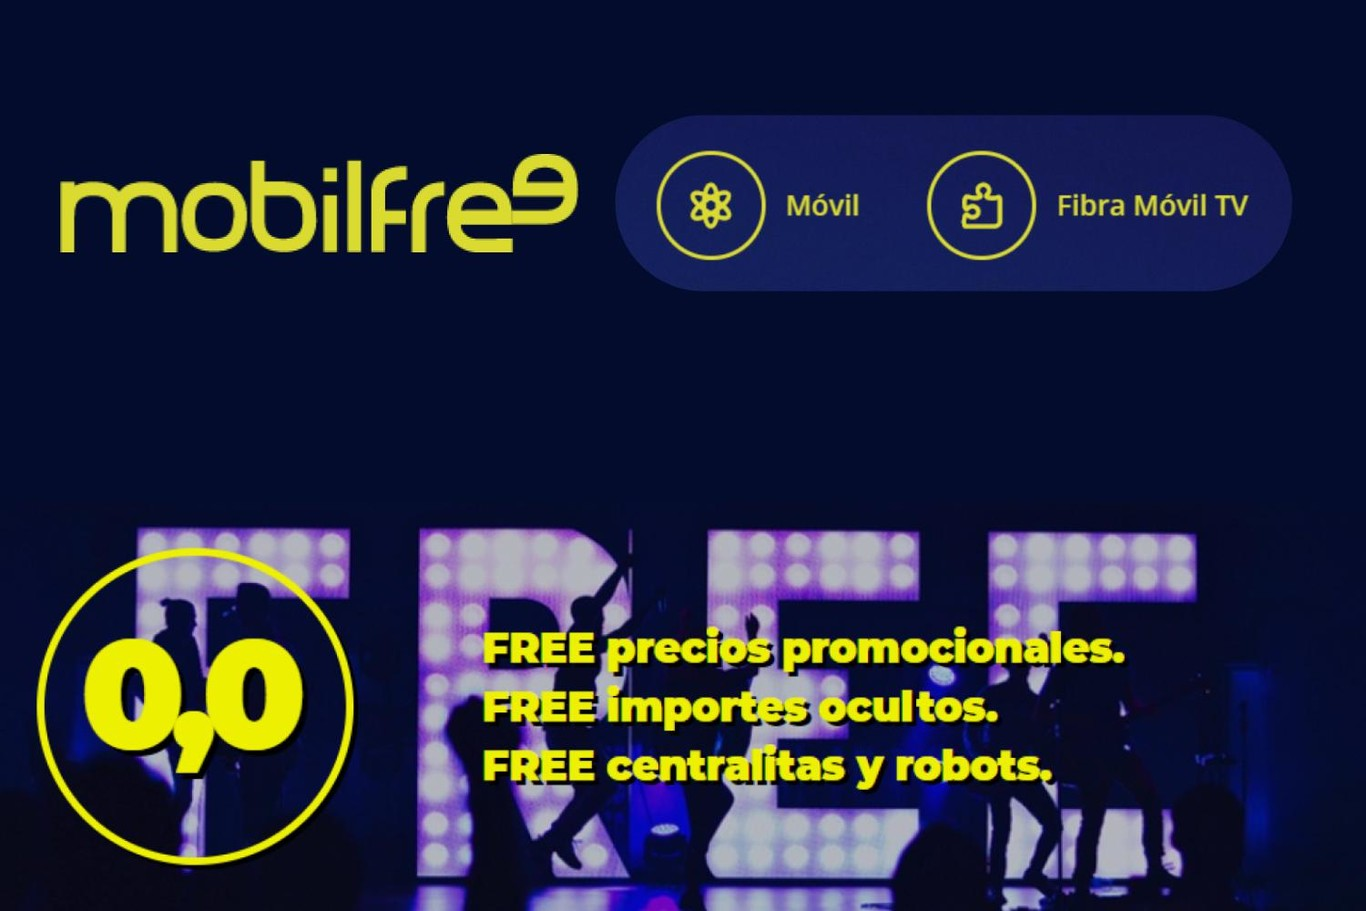 Mobilfree estrena tarifas móviles con hasta 60 GB y hace definitiva su fibra sin permanencia